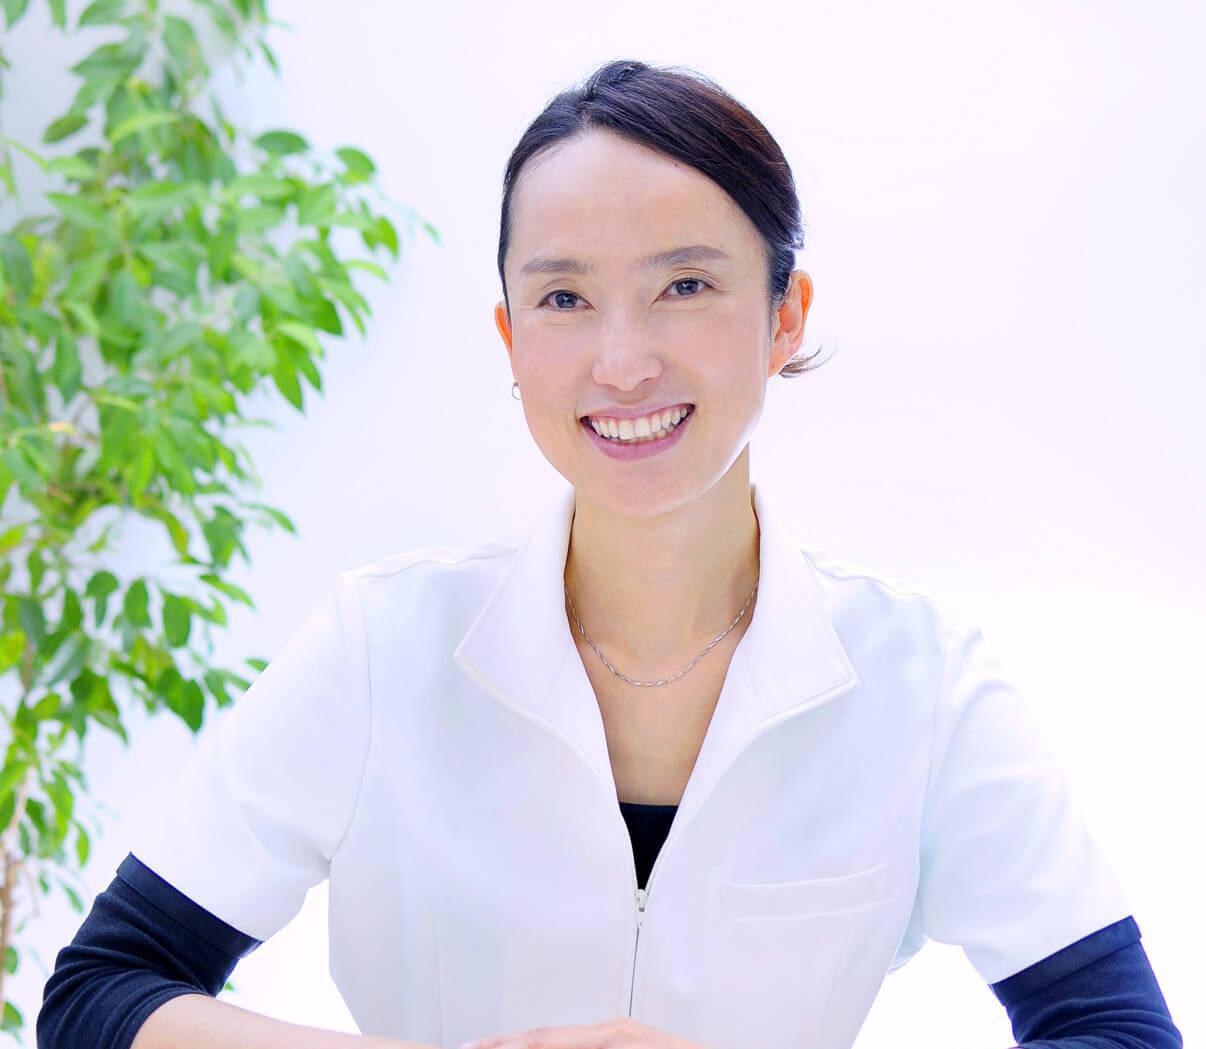 栃尾京子 顔写真